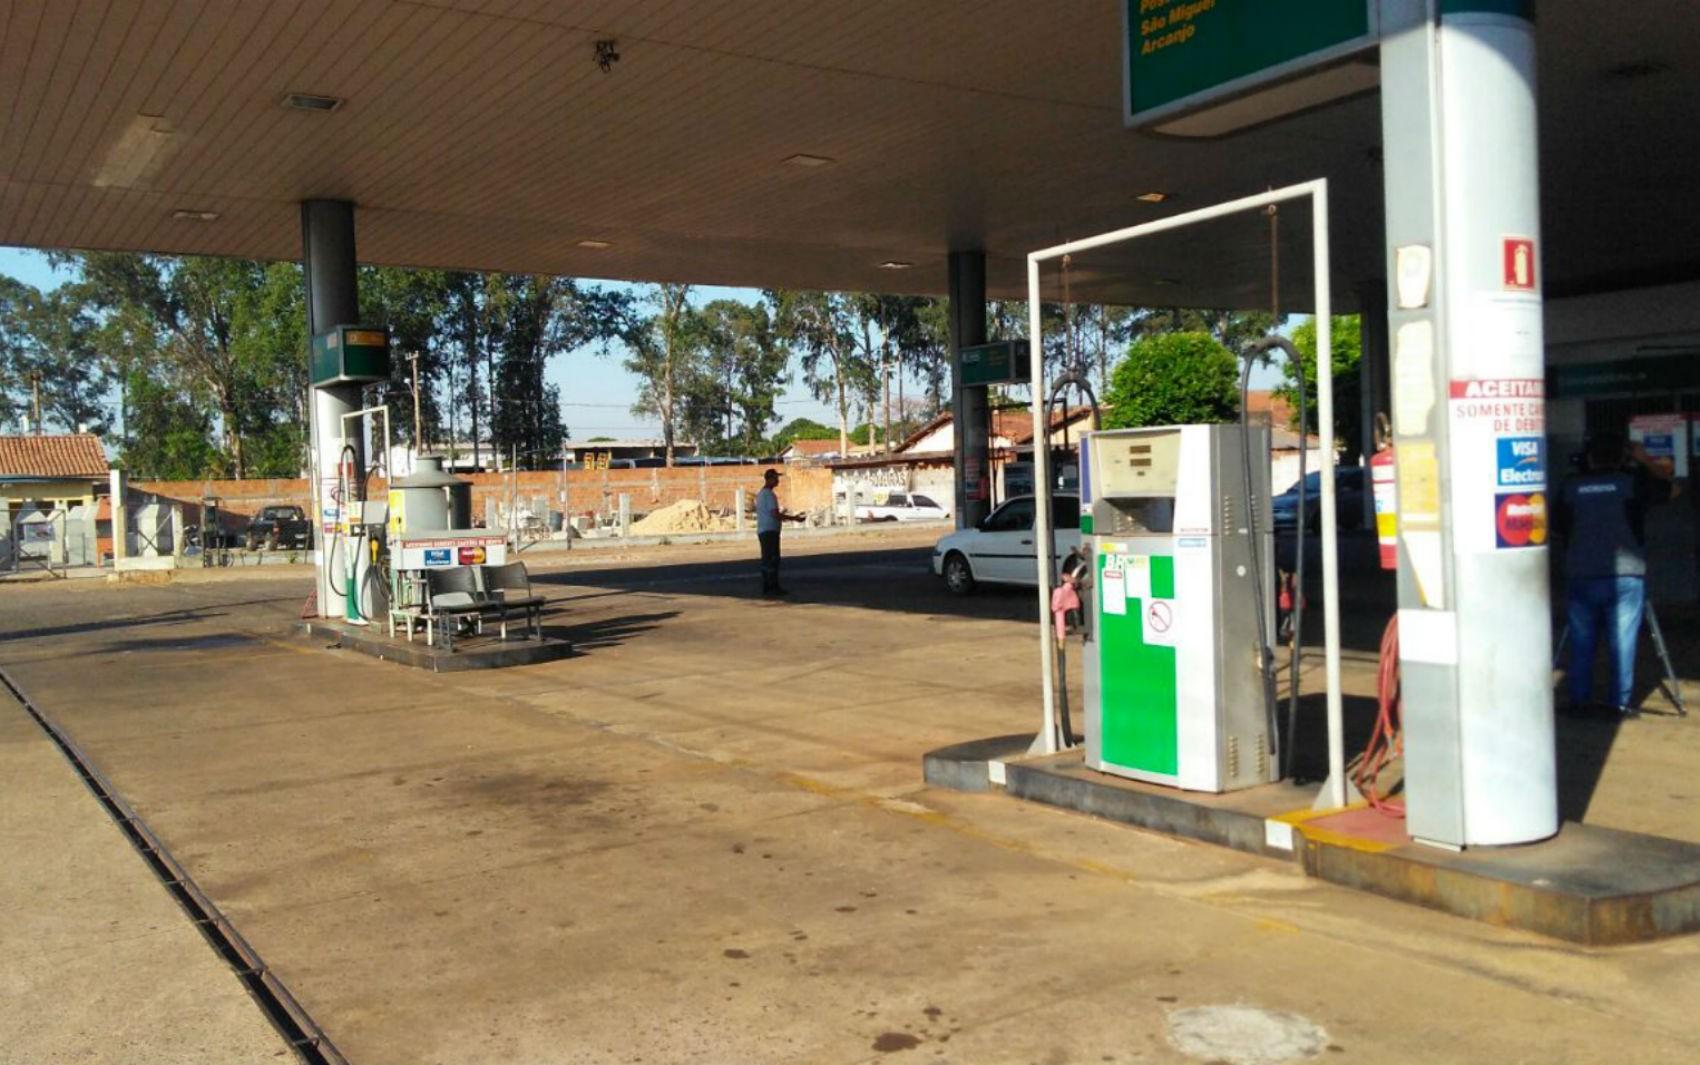 Ladrões em moto roubam R$ 776 de frentistas de posto de combustíveis em Campo Grande